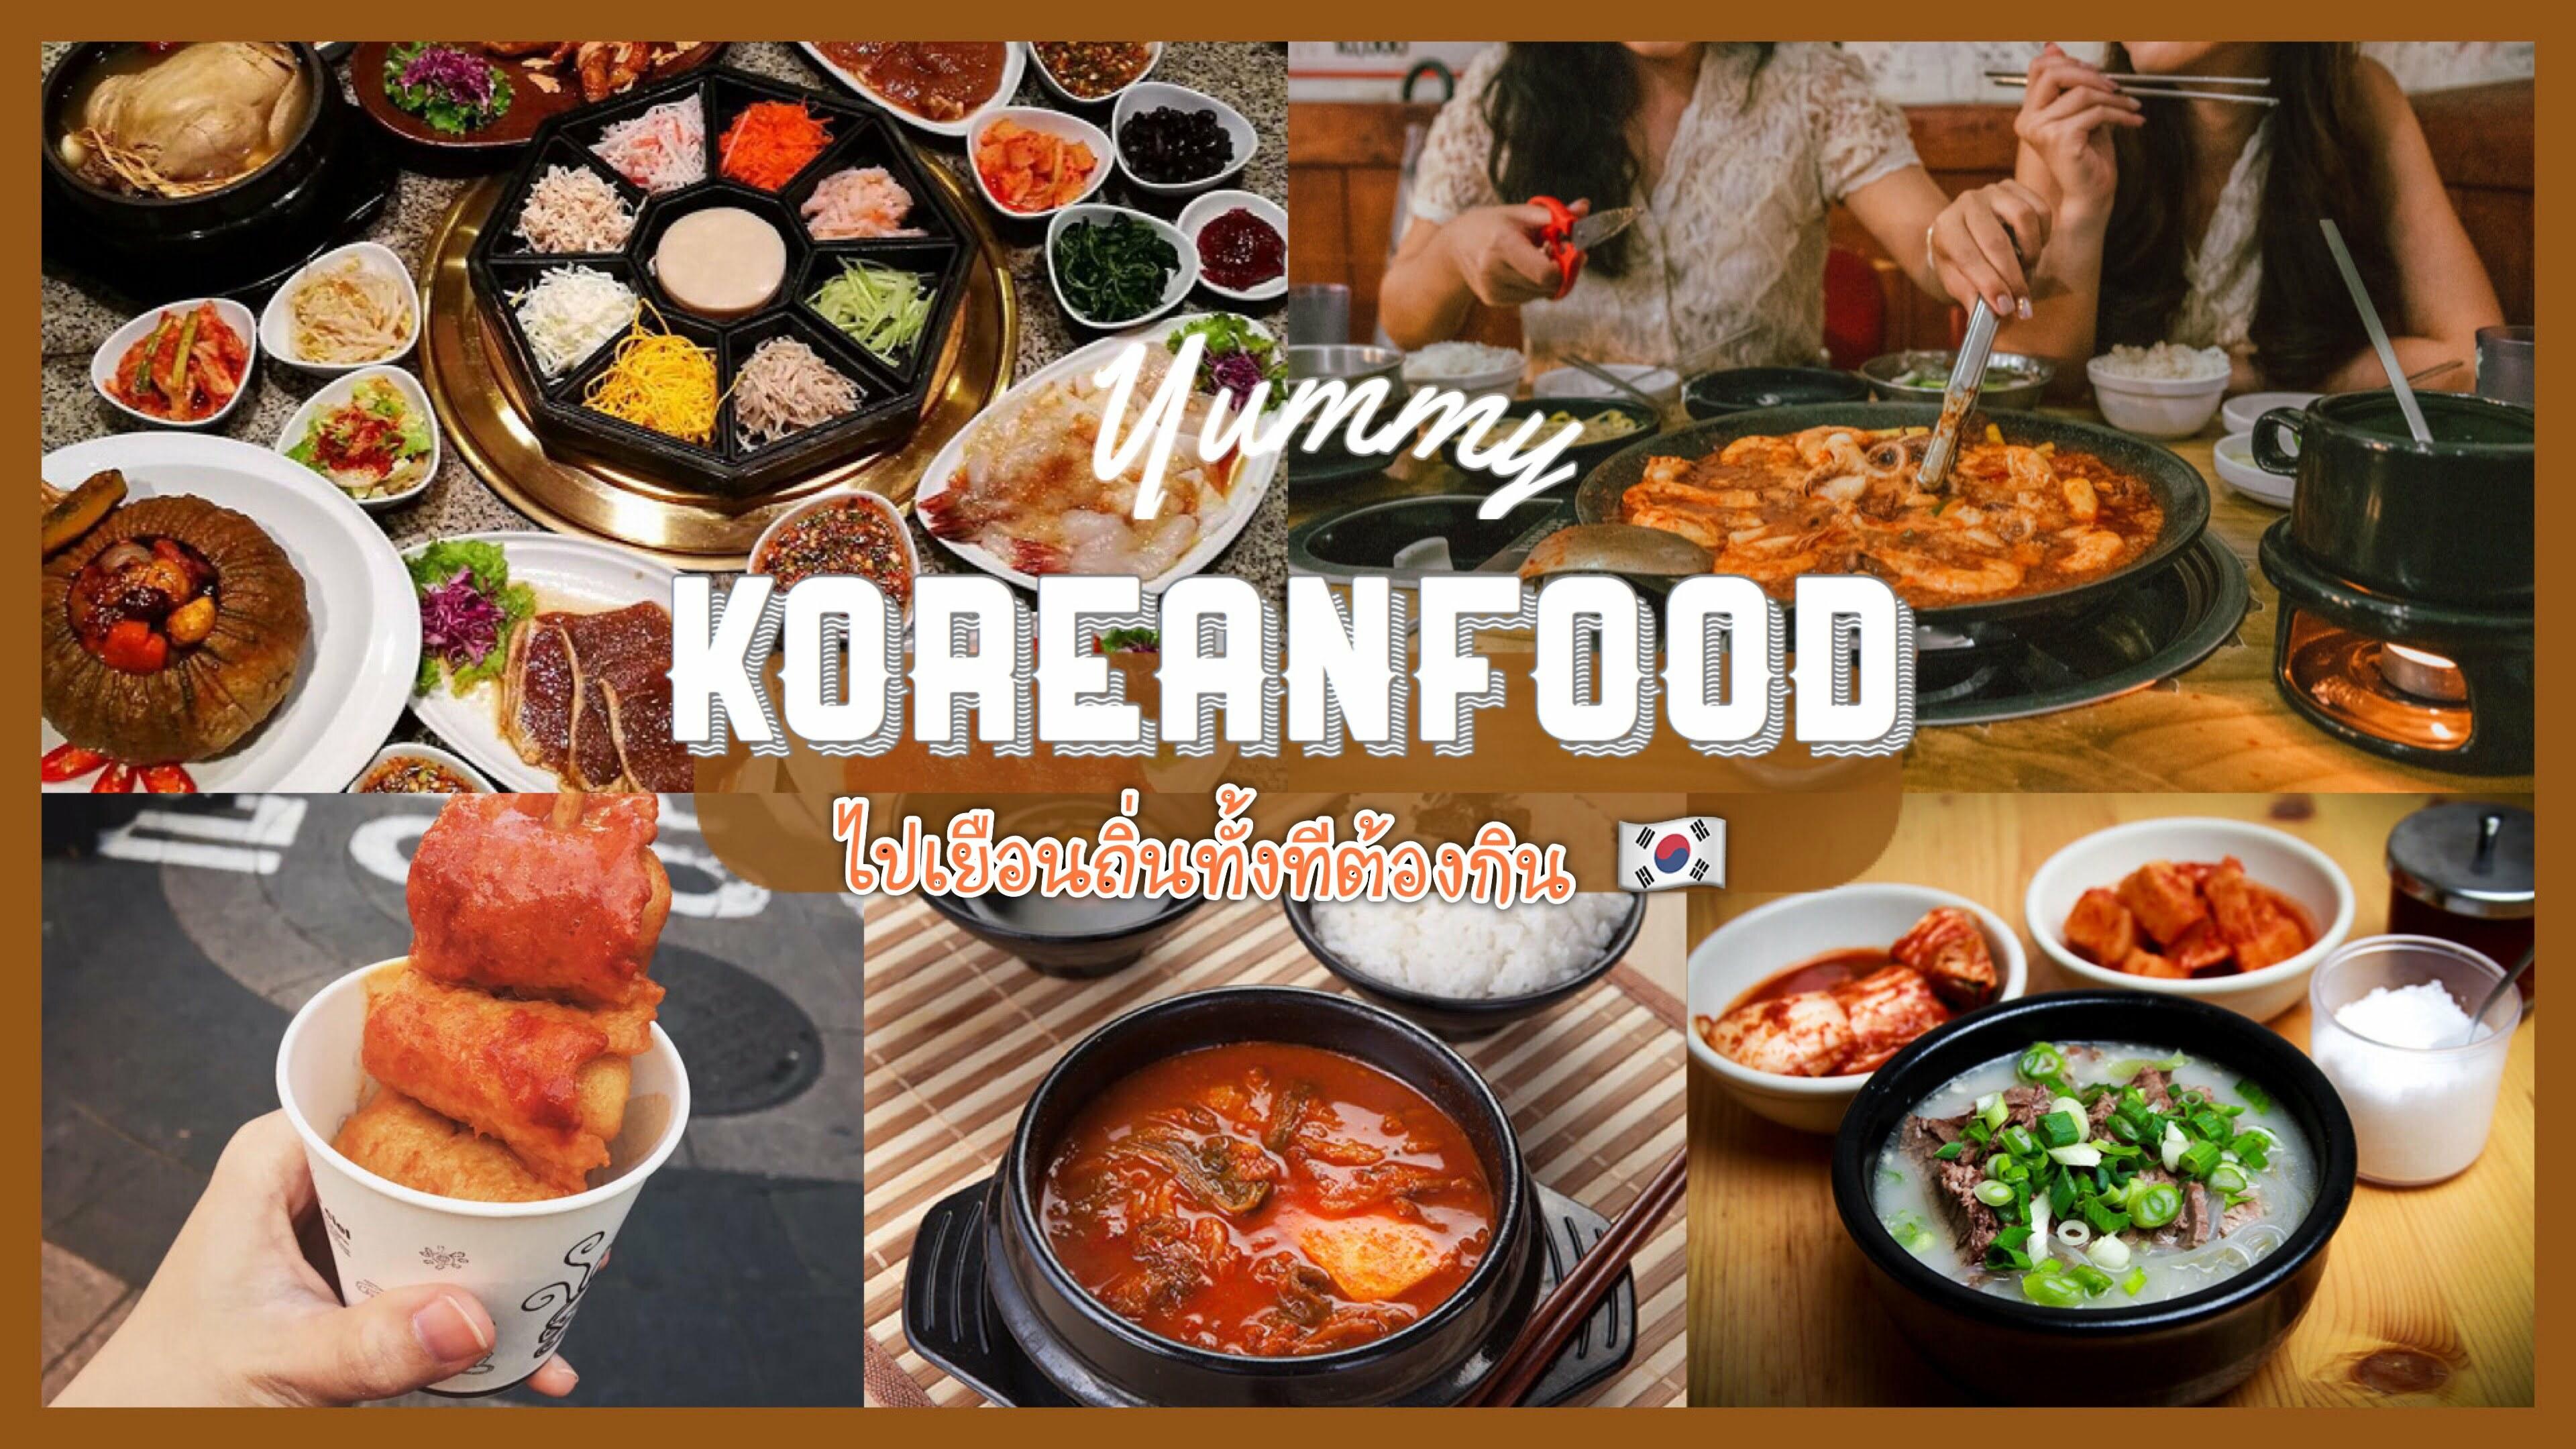 ทัวร์เกาหลี – เมนูดังต้นตำหรับเกาหลี บินไปเยือนถิ่นทั้งทีต้องกินให้ได้